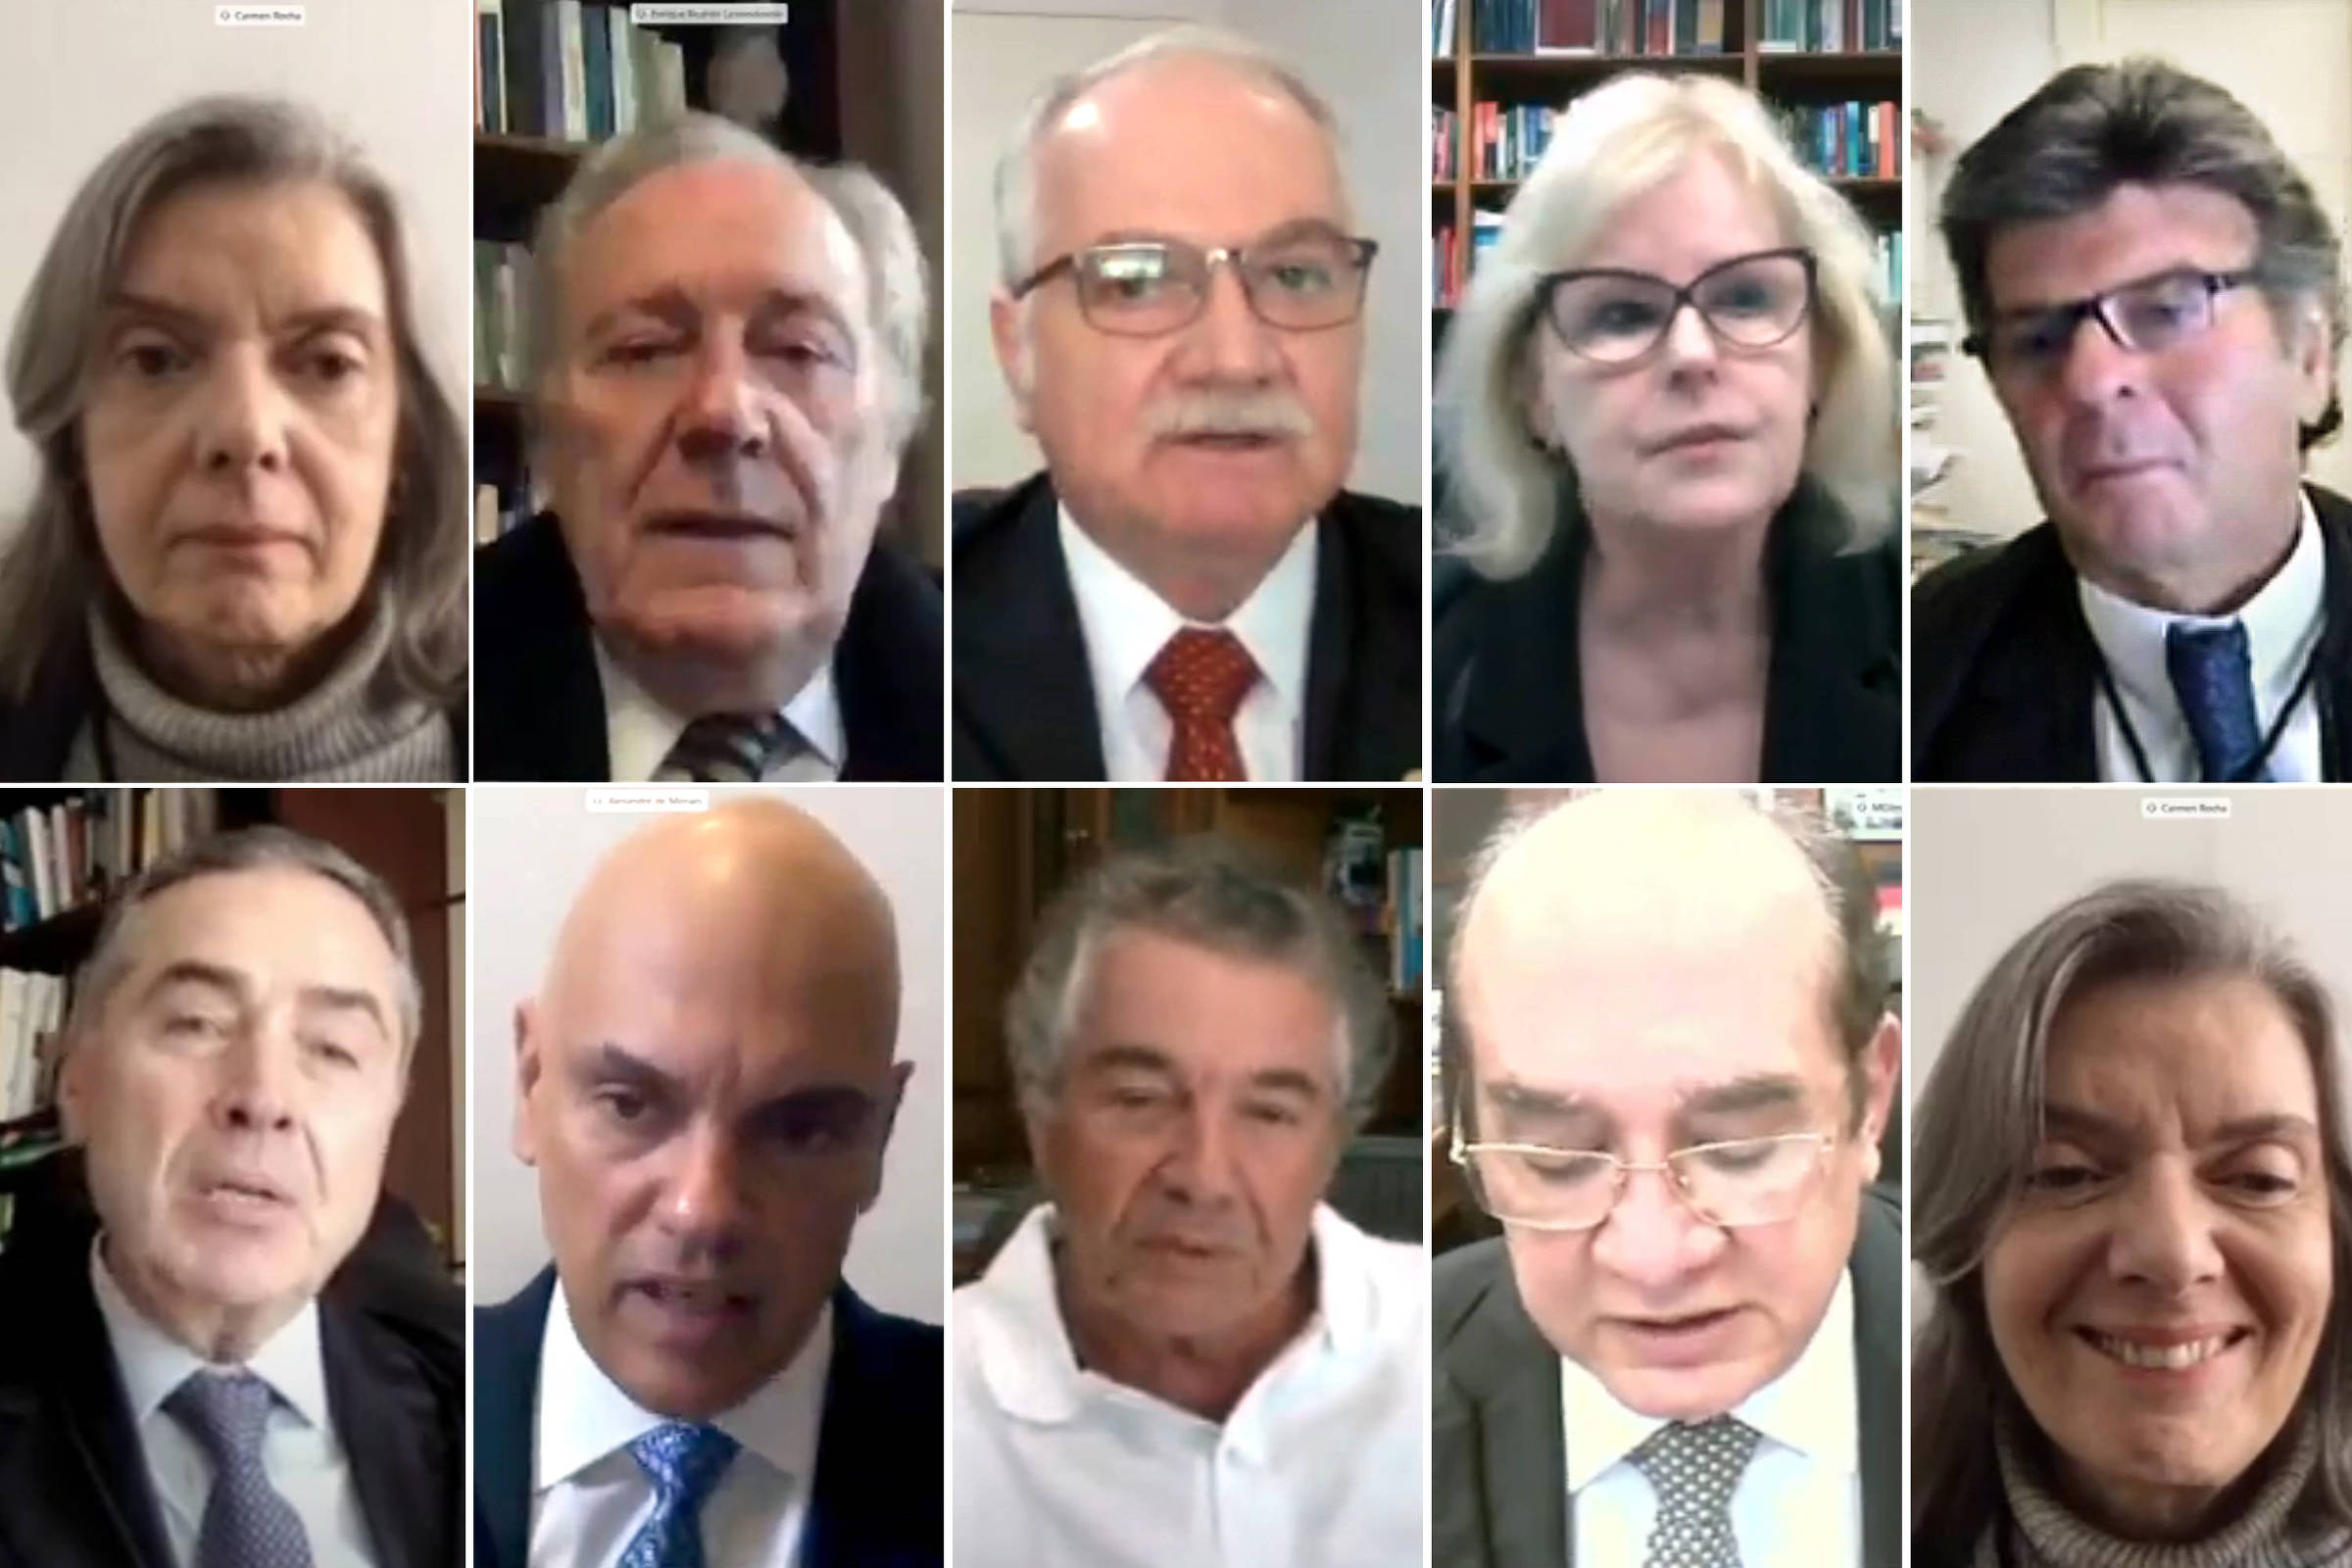 STF estreia sessão virtual com falhas, mensagens por WhatsApp e só um ministro sem toga - 14/04/2020 - Poder - Folha